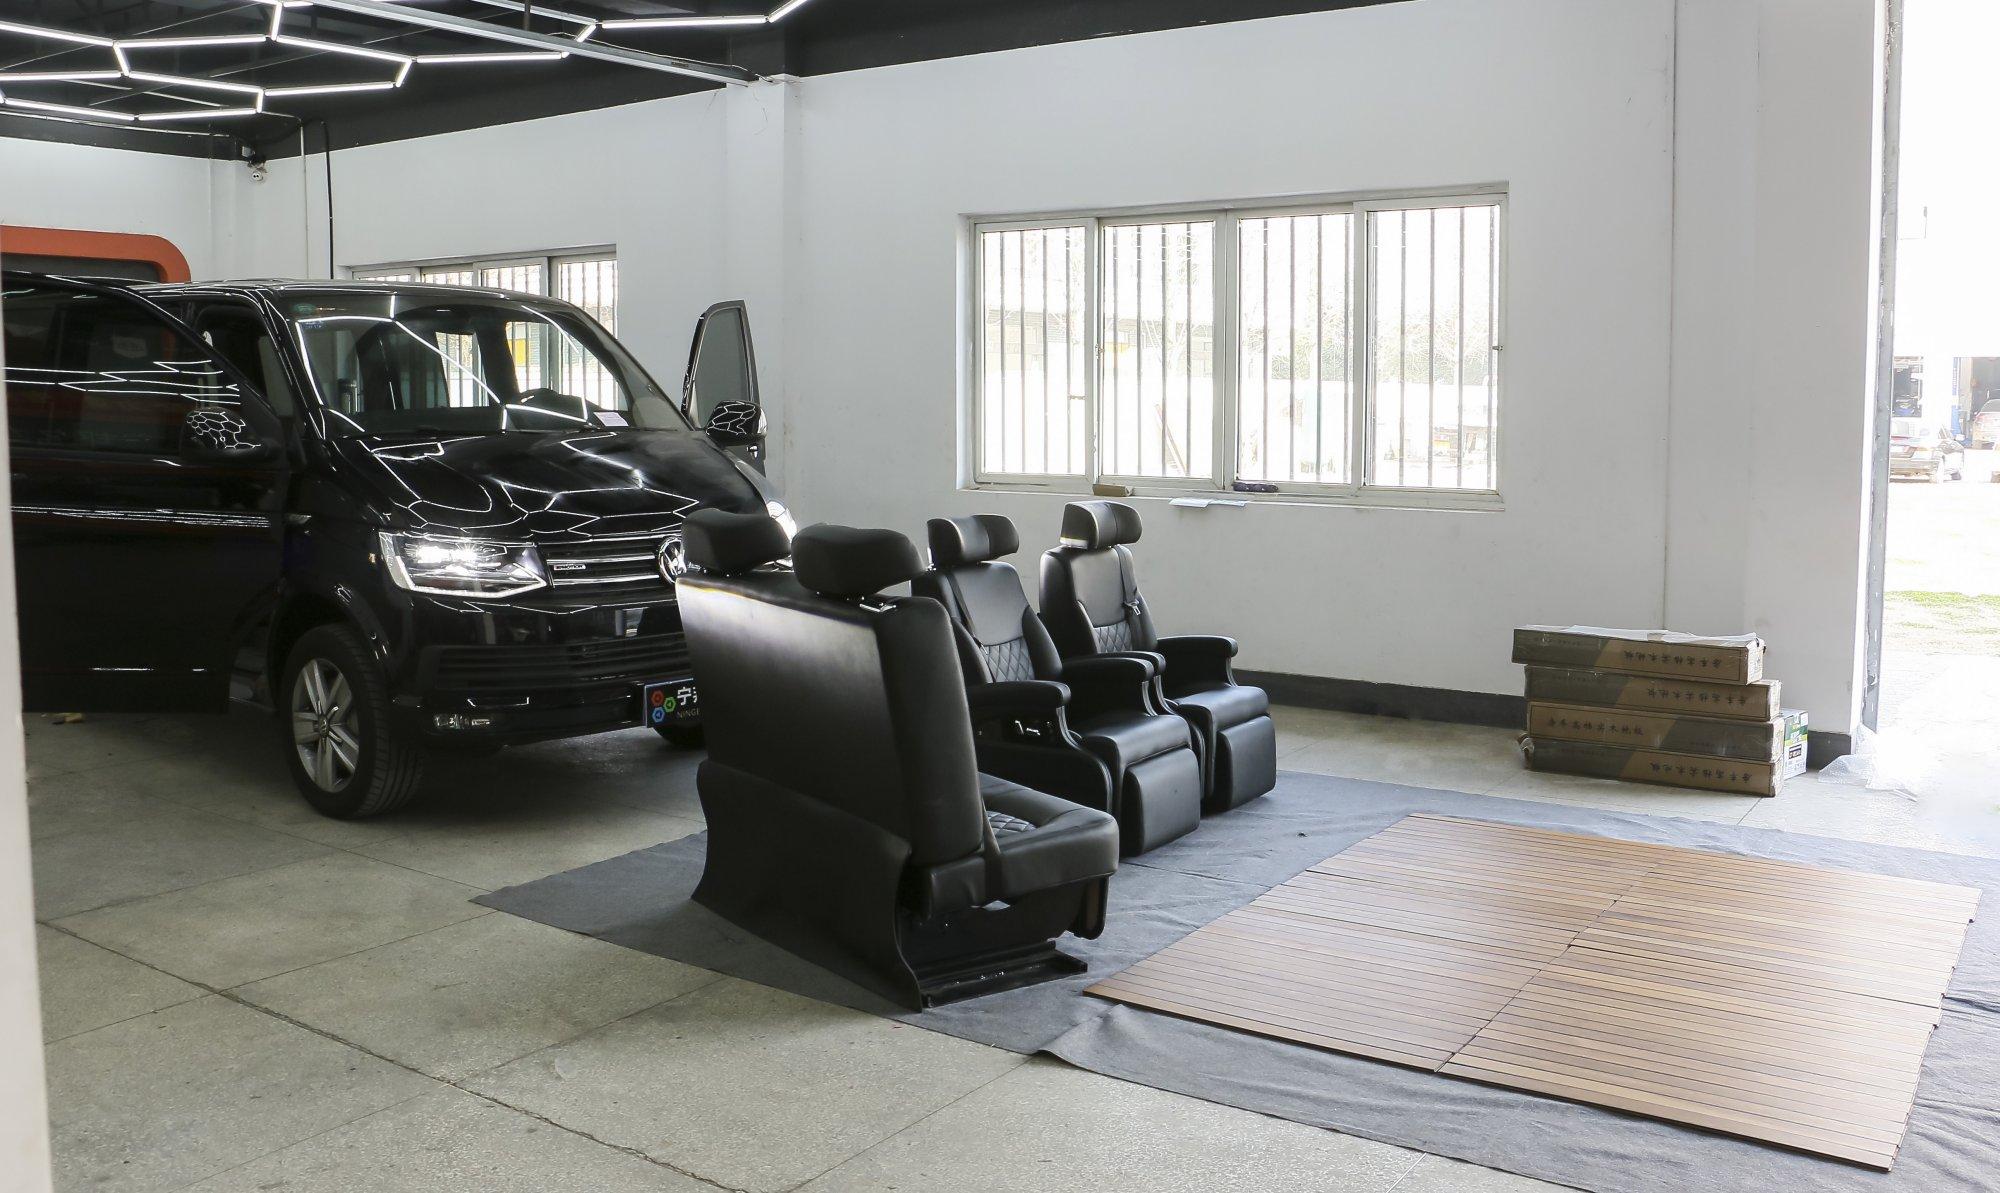 凯路威加装航空座椅、木地板、星空顶